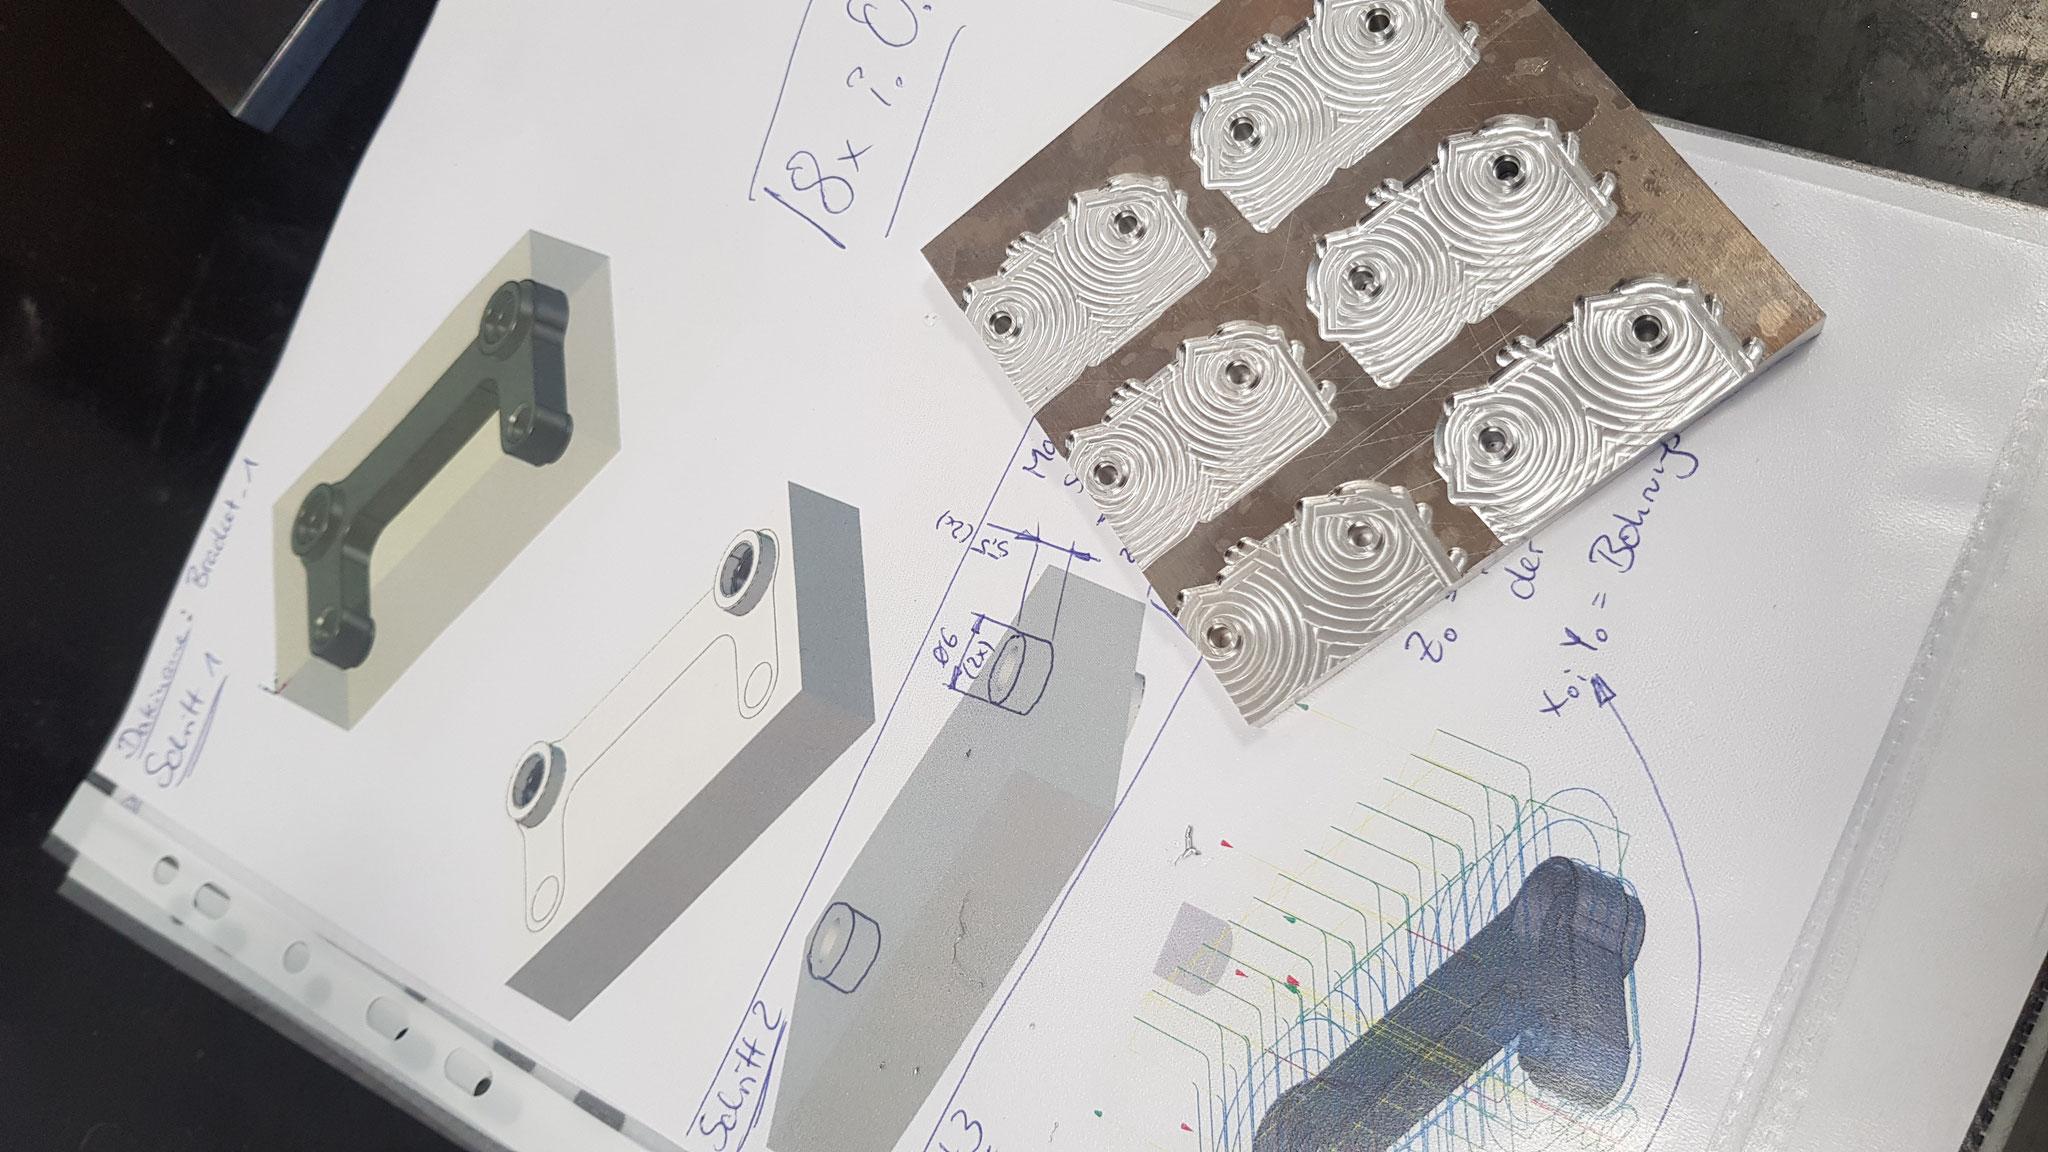 Notizen unserer qualifizierten Zerspaner für die korrekte Weiterbearbeitung der Komponenten in der Anlage. Auf der rechten Seite die Halbfertigteile aus 7075 T6.